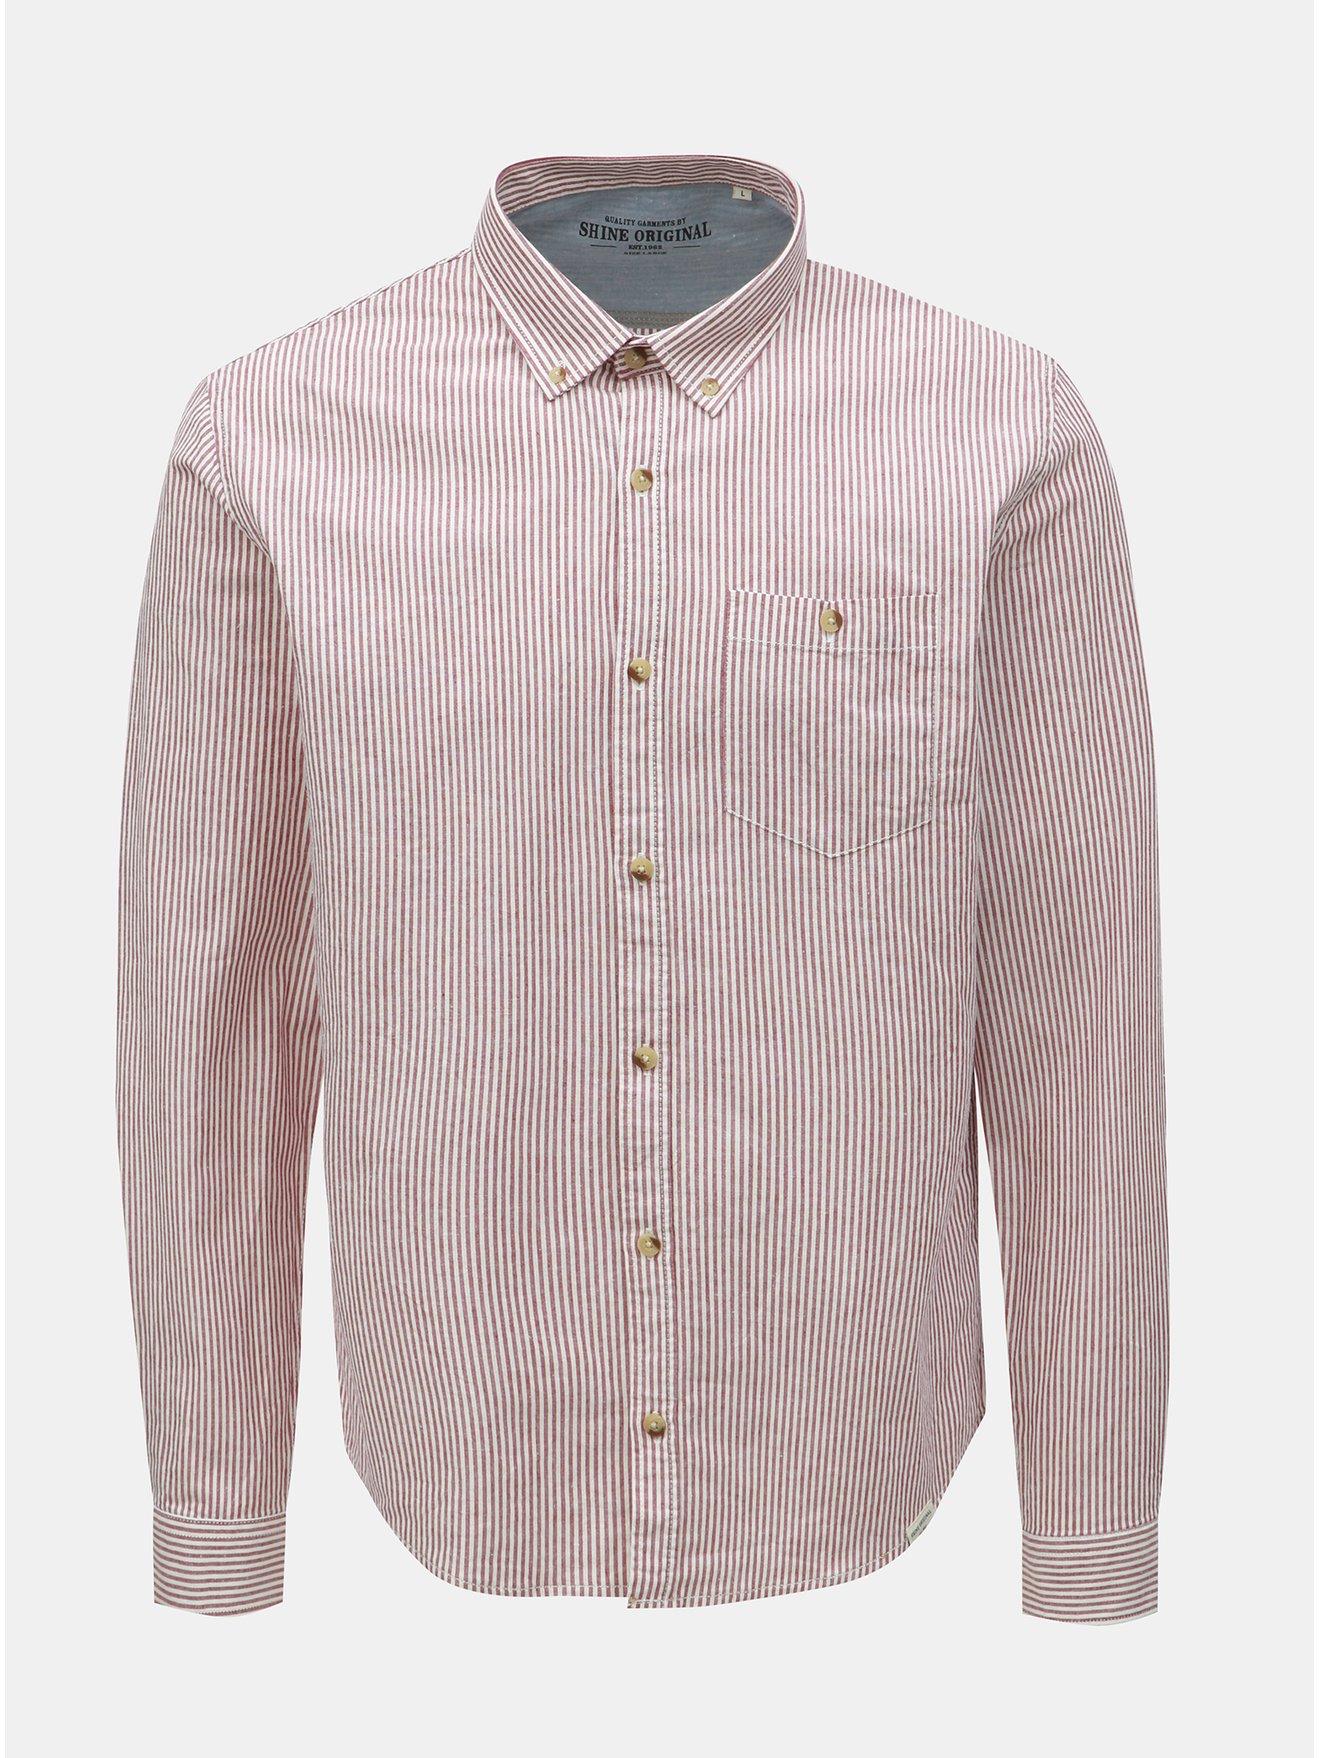 Vínovo-bílá pruhovaná košile Shine Original